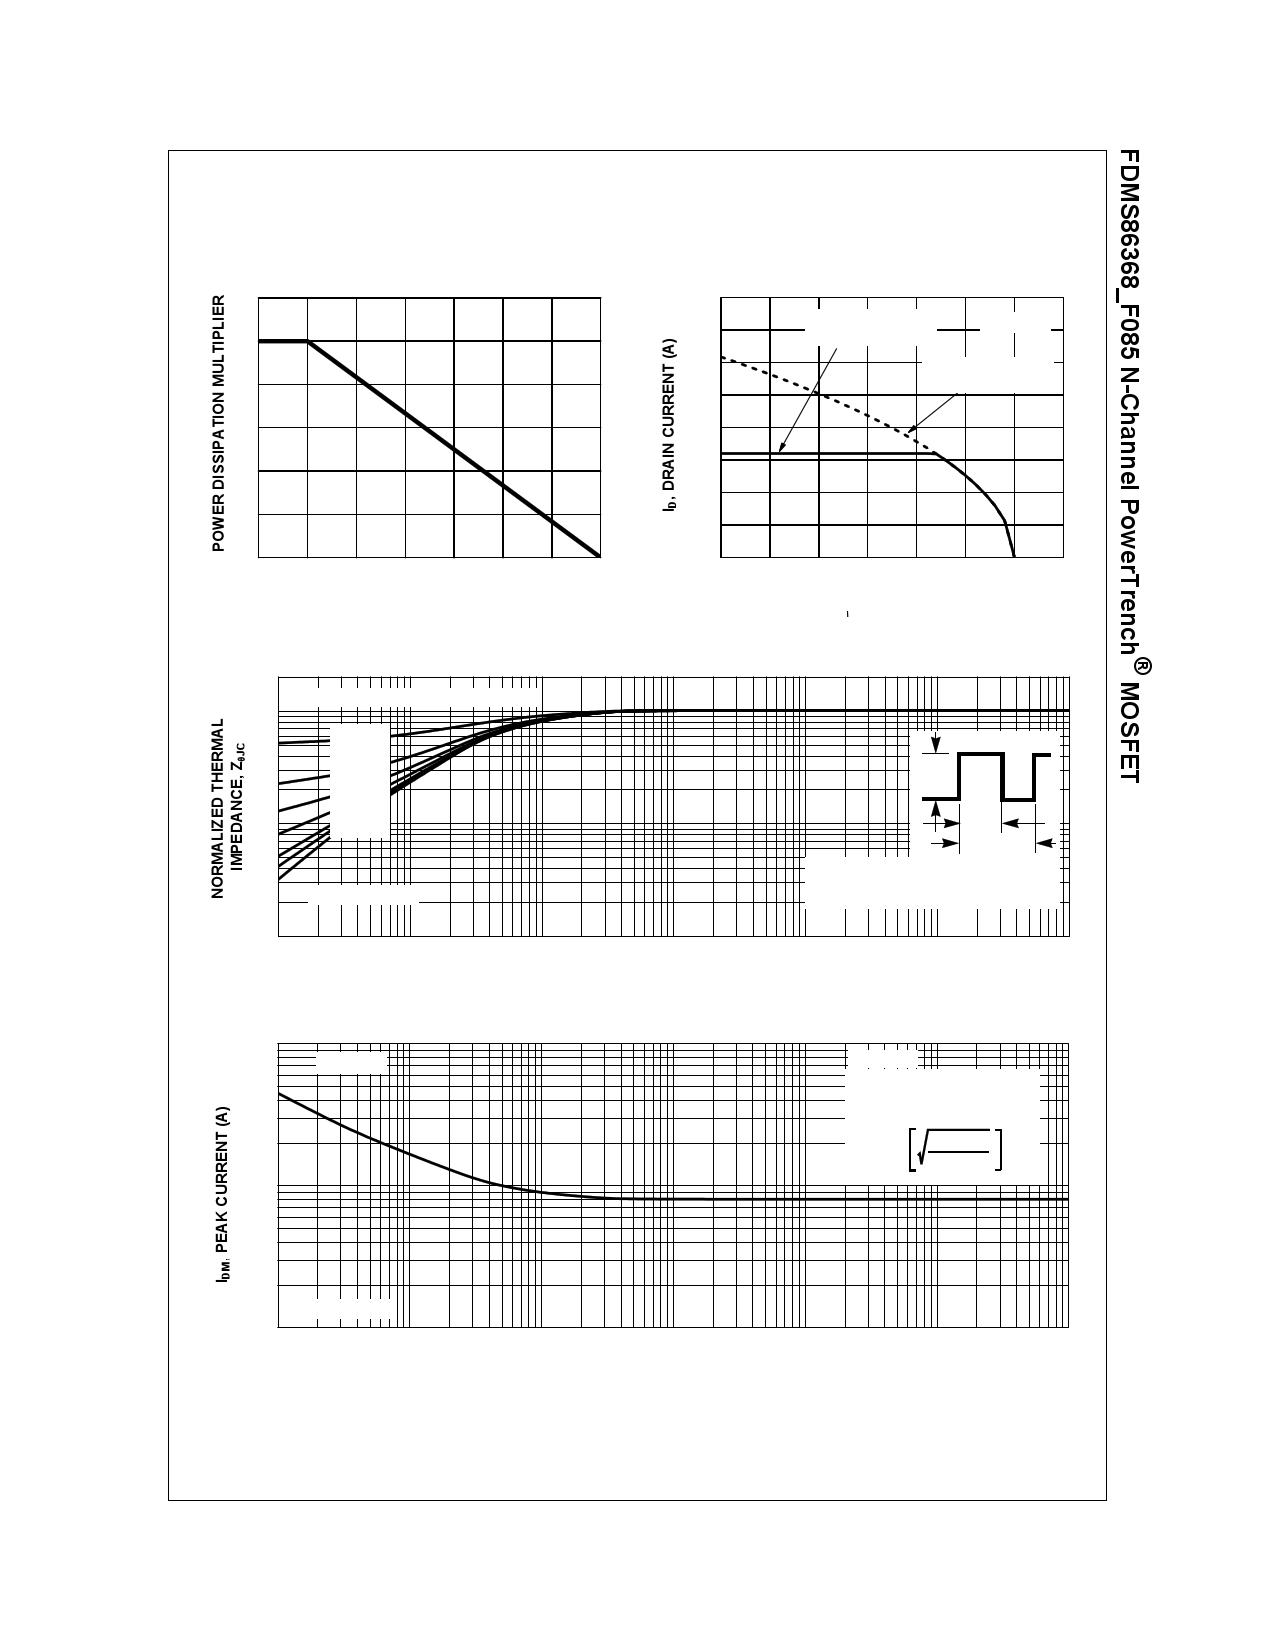 FDMS86368_F085 pdf, ピン配列